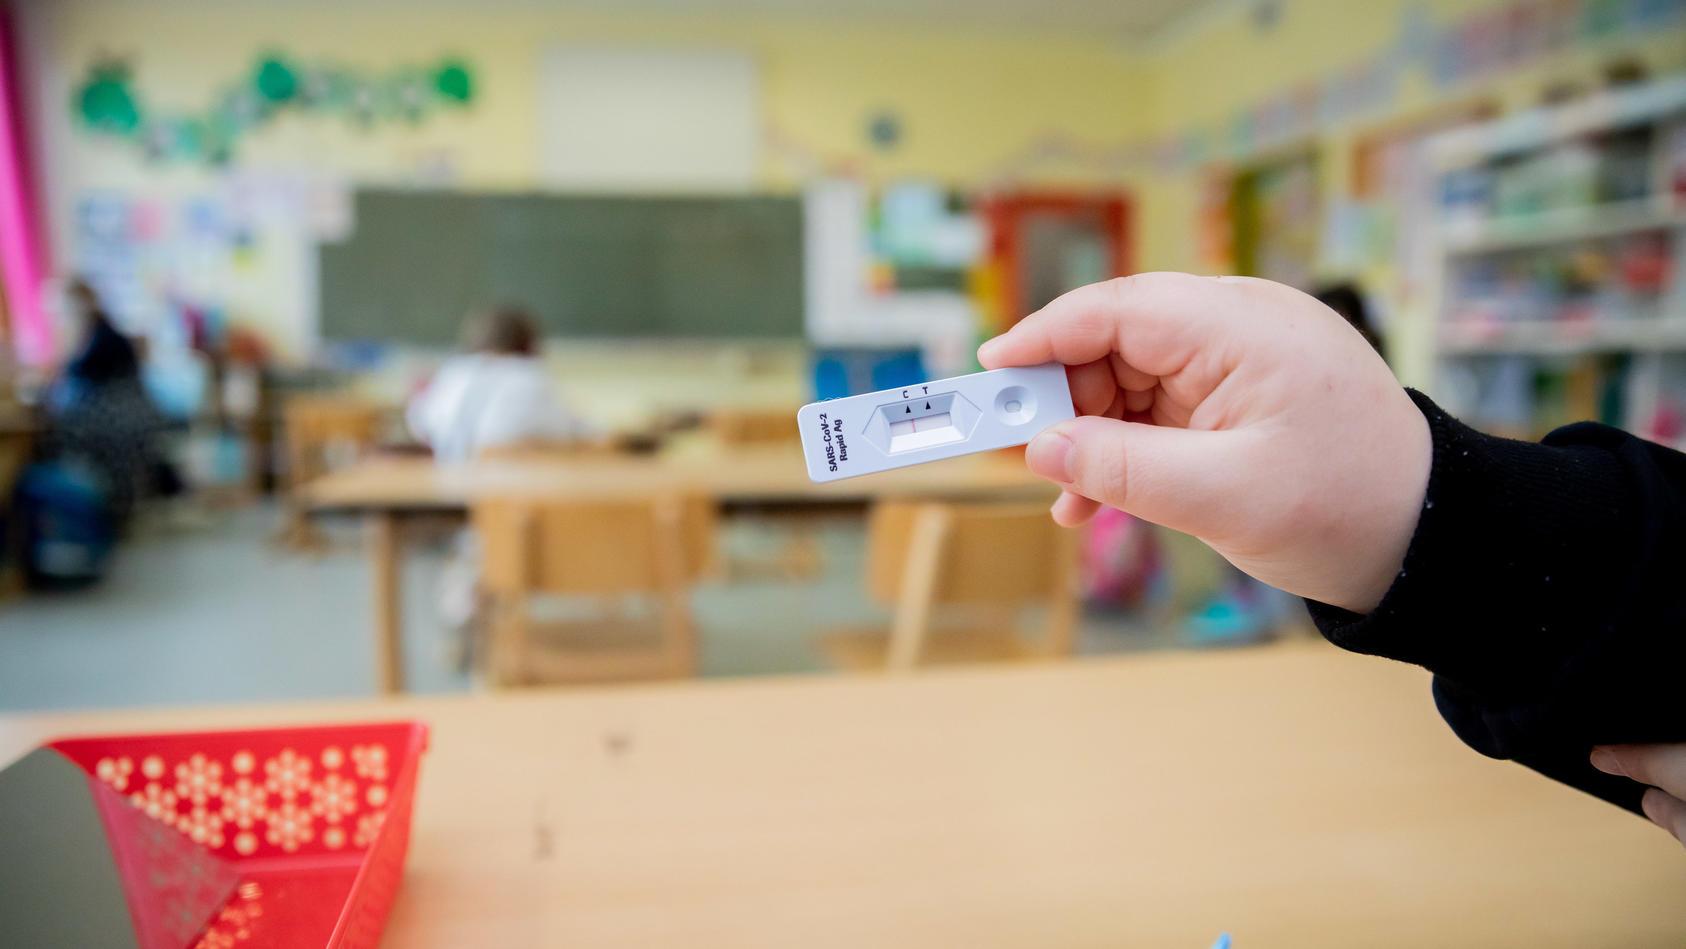 Coronavirus in der Grundschule - Schnelltests gehören längst zum Alltag (Motivbild)